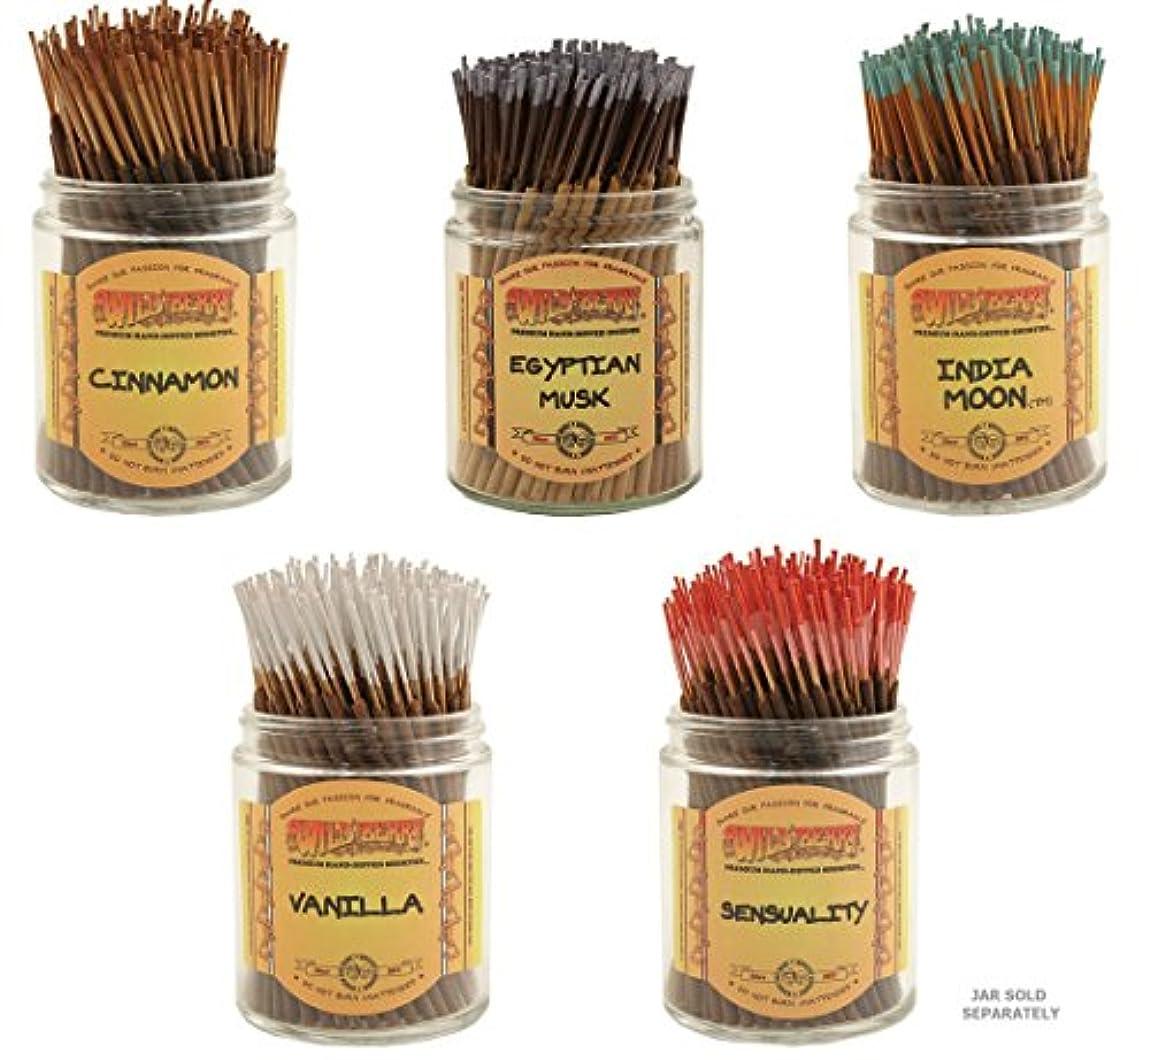 郵便局スクリーチ観客Wildberry Short Incense Sticks – Set of 5秋Fragrances – シナモン、エジプトムスク、インドMoon、Sensuality、バニラ(100各パック、合計500 Sticks)